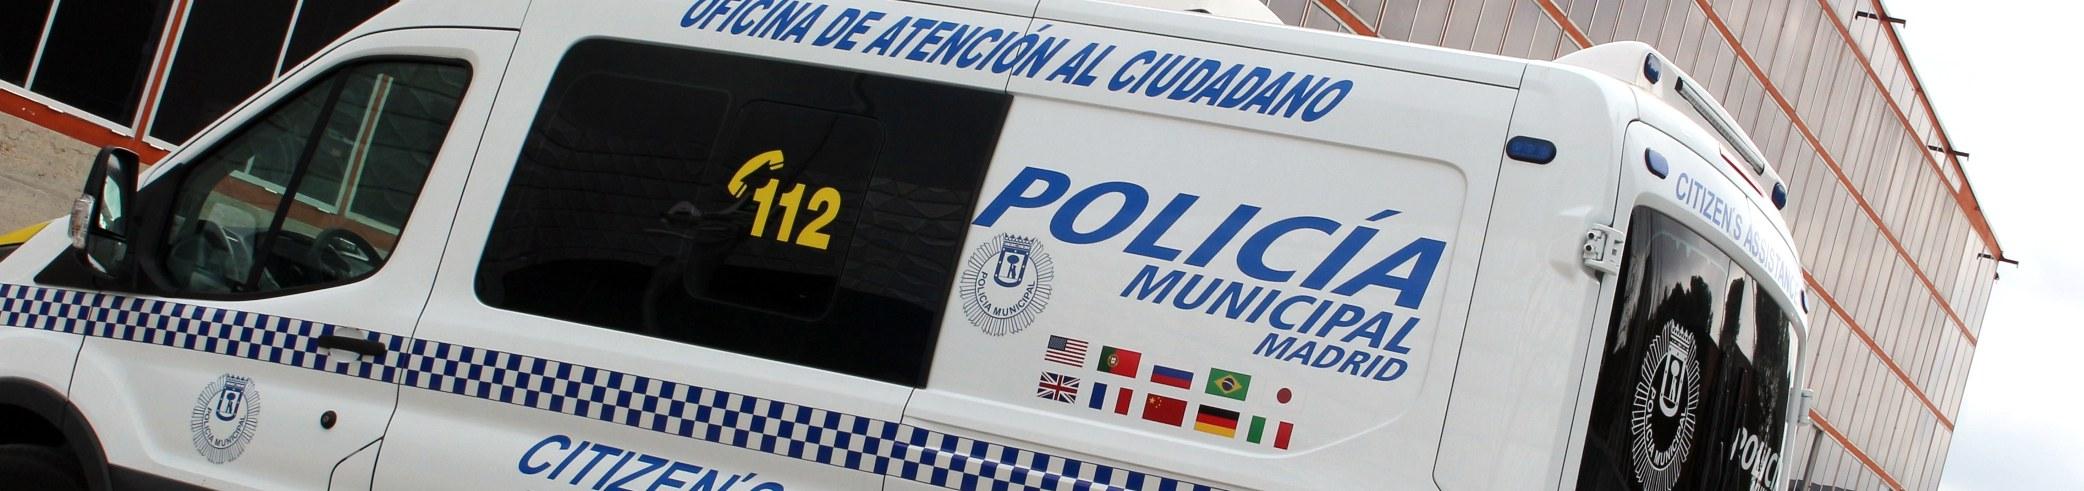 Polic a municipal de madrid ayuntamiento de madrid - Oficina de atencion al ciudadano madrid ...